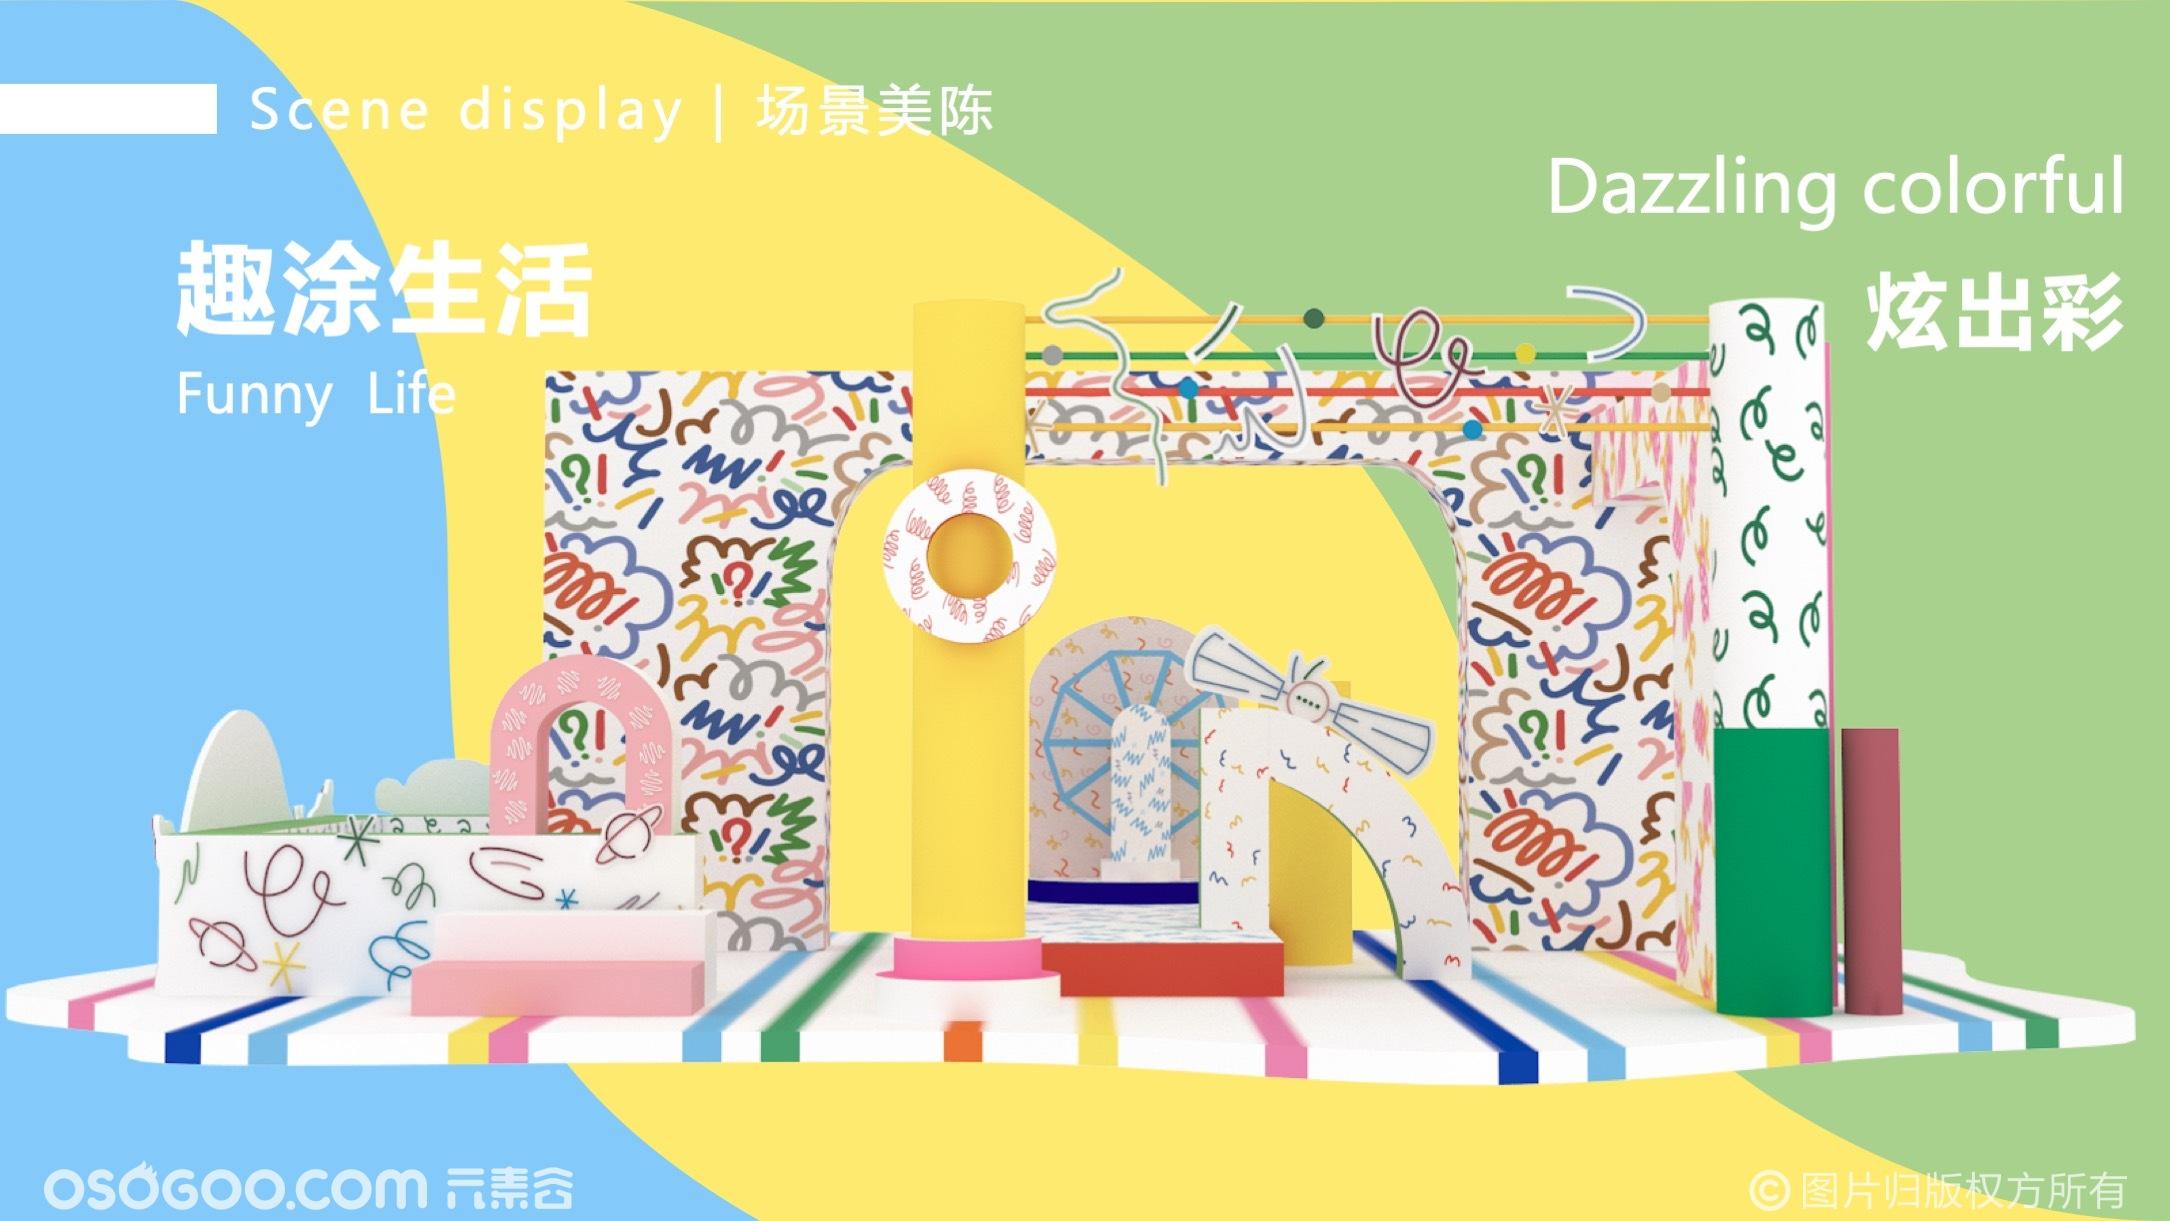 【涂鸦俱乐部】荷兰新锐现代艺术家卓迪•纽温迪克—感映艺术出品